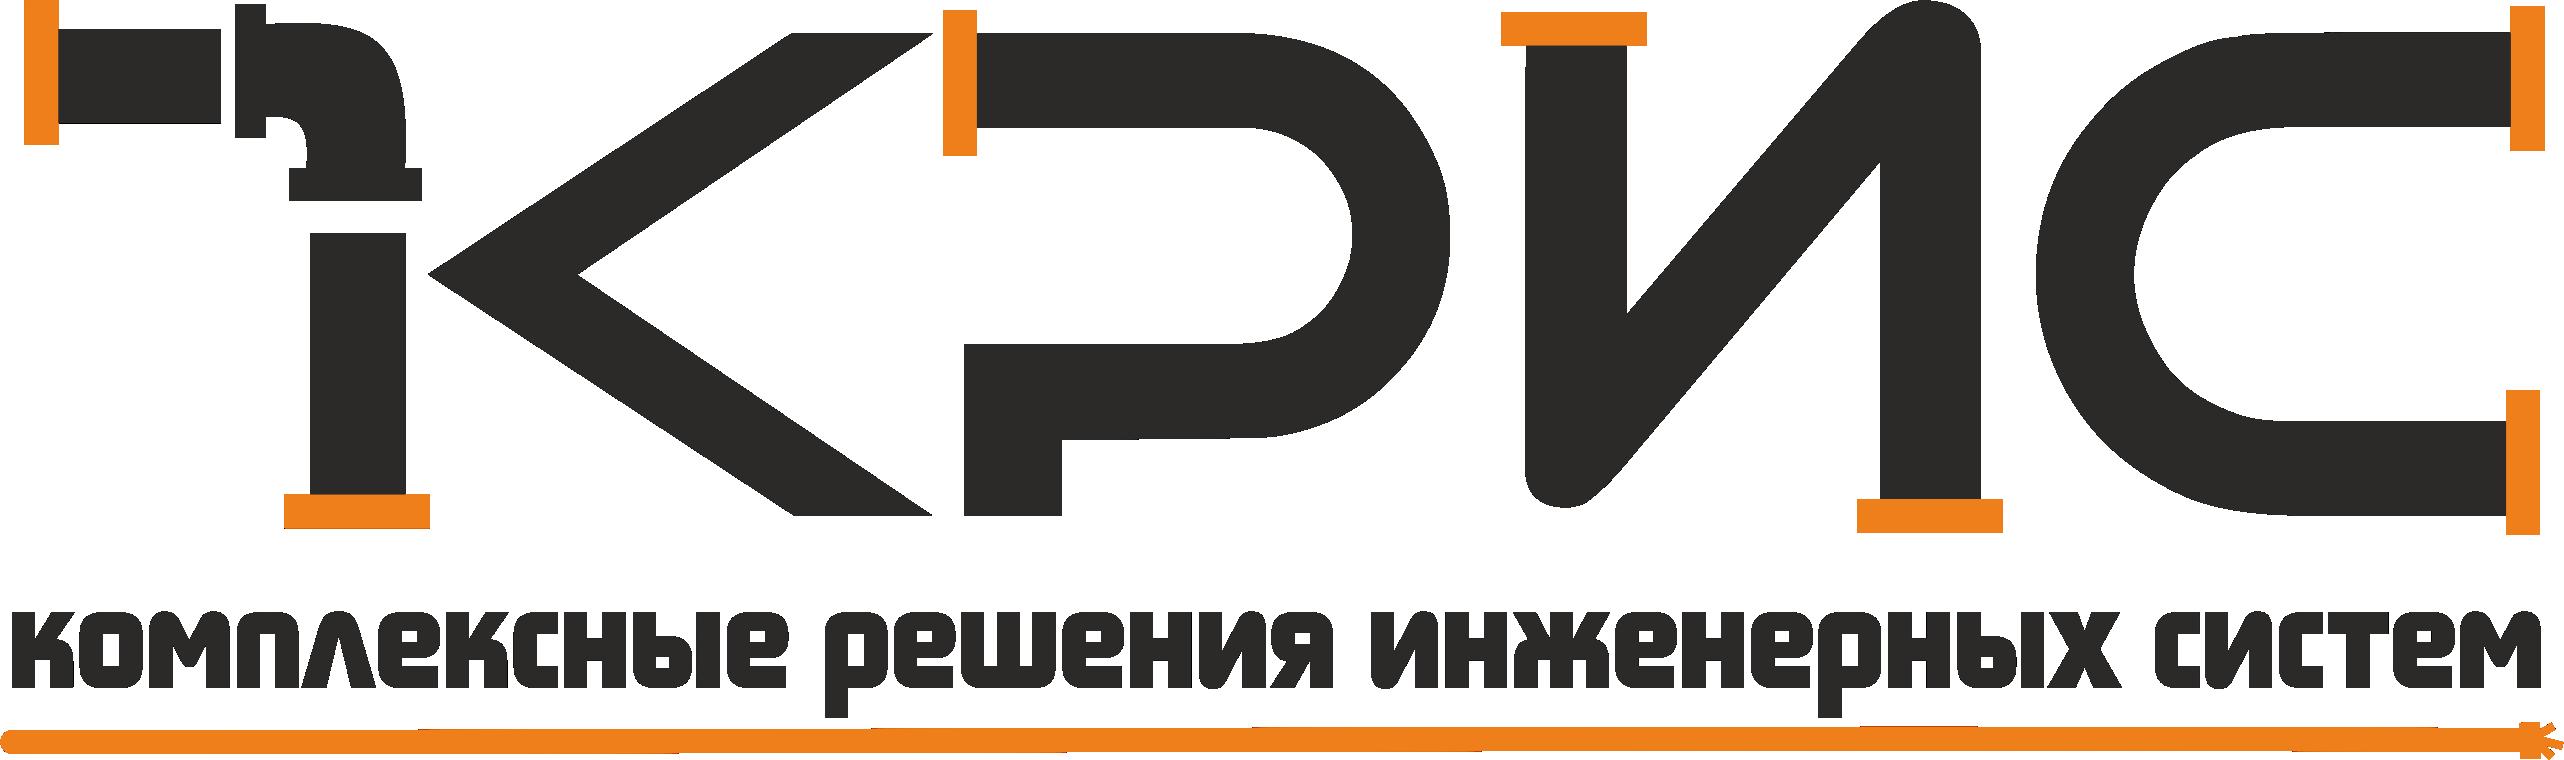 ООО «Комплексные решения инженерных систем»